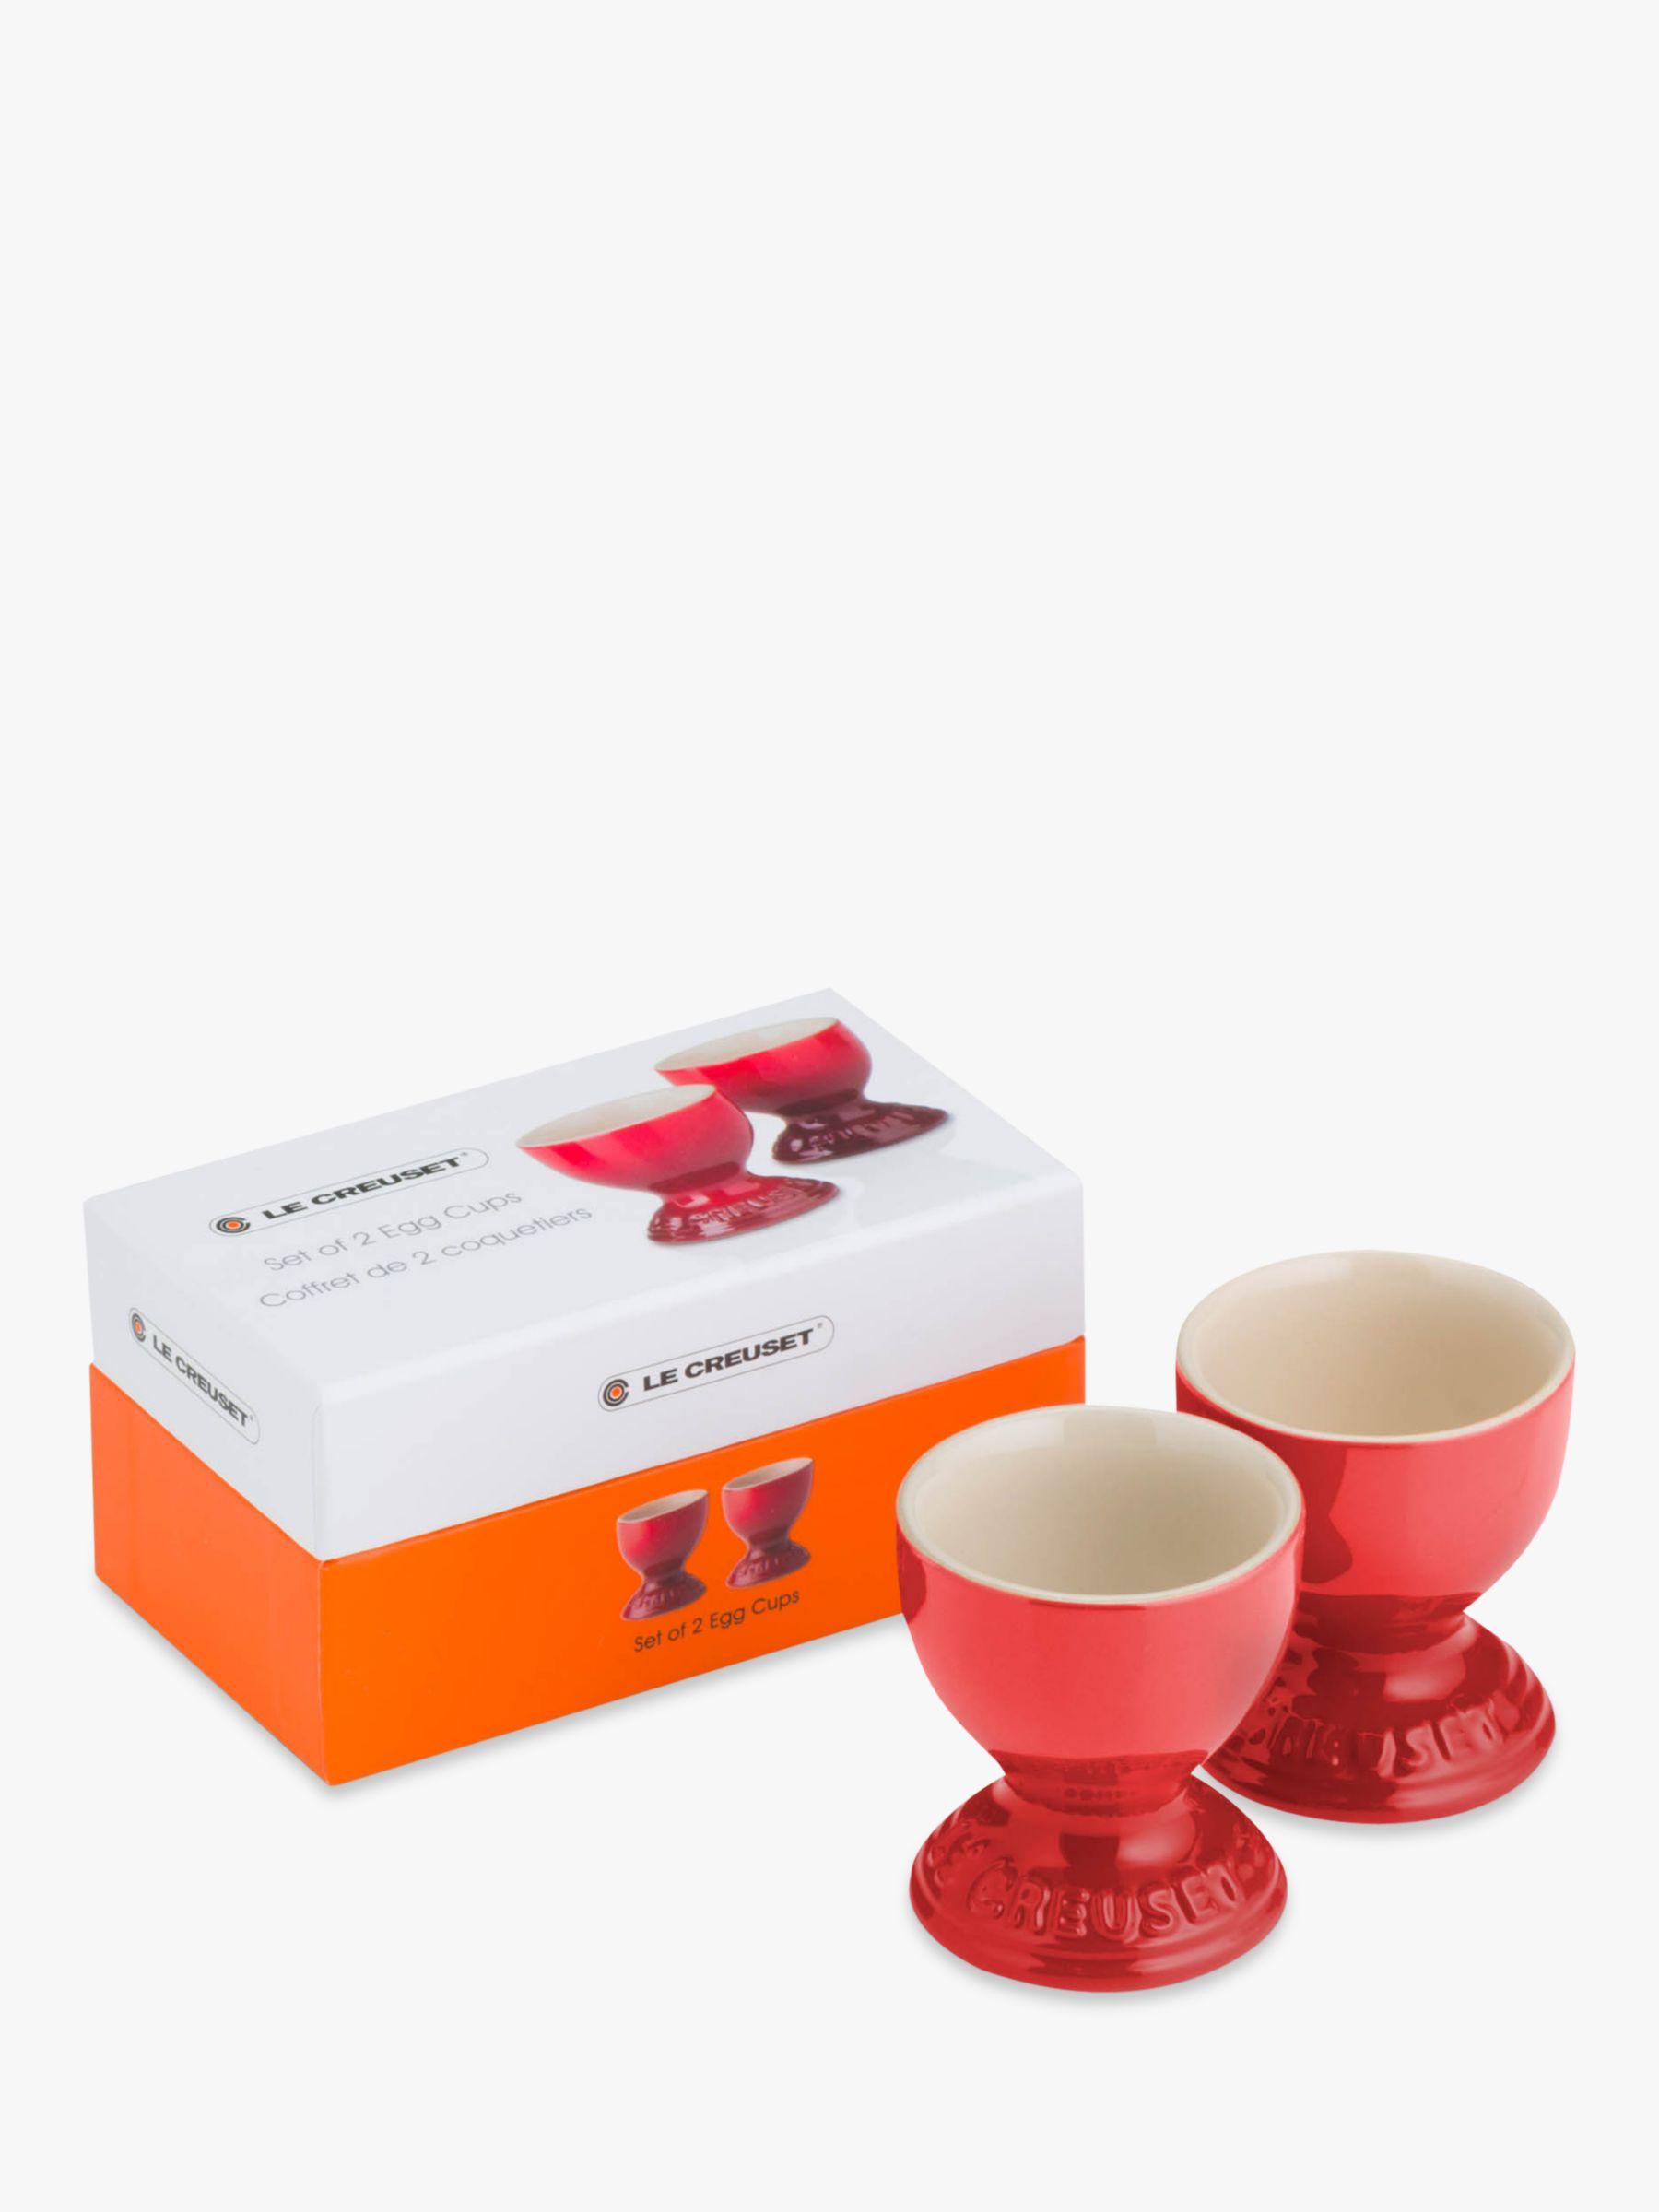 Le Creuset Le Creuset Egg Cups, Set of 2